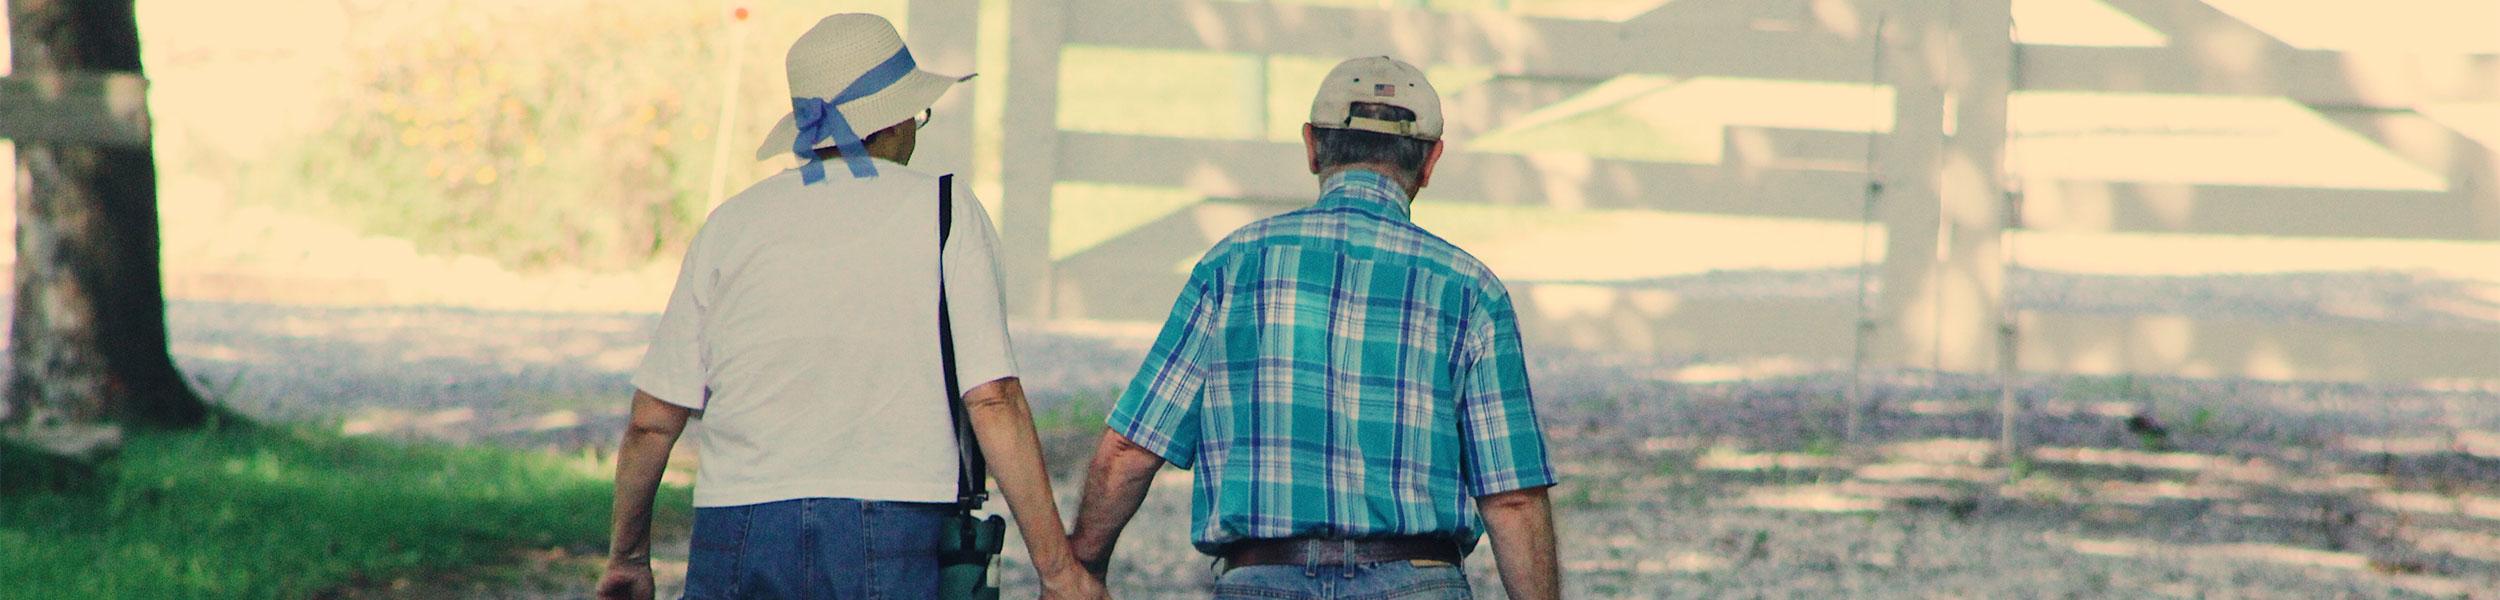 forgotten pensions